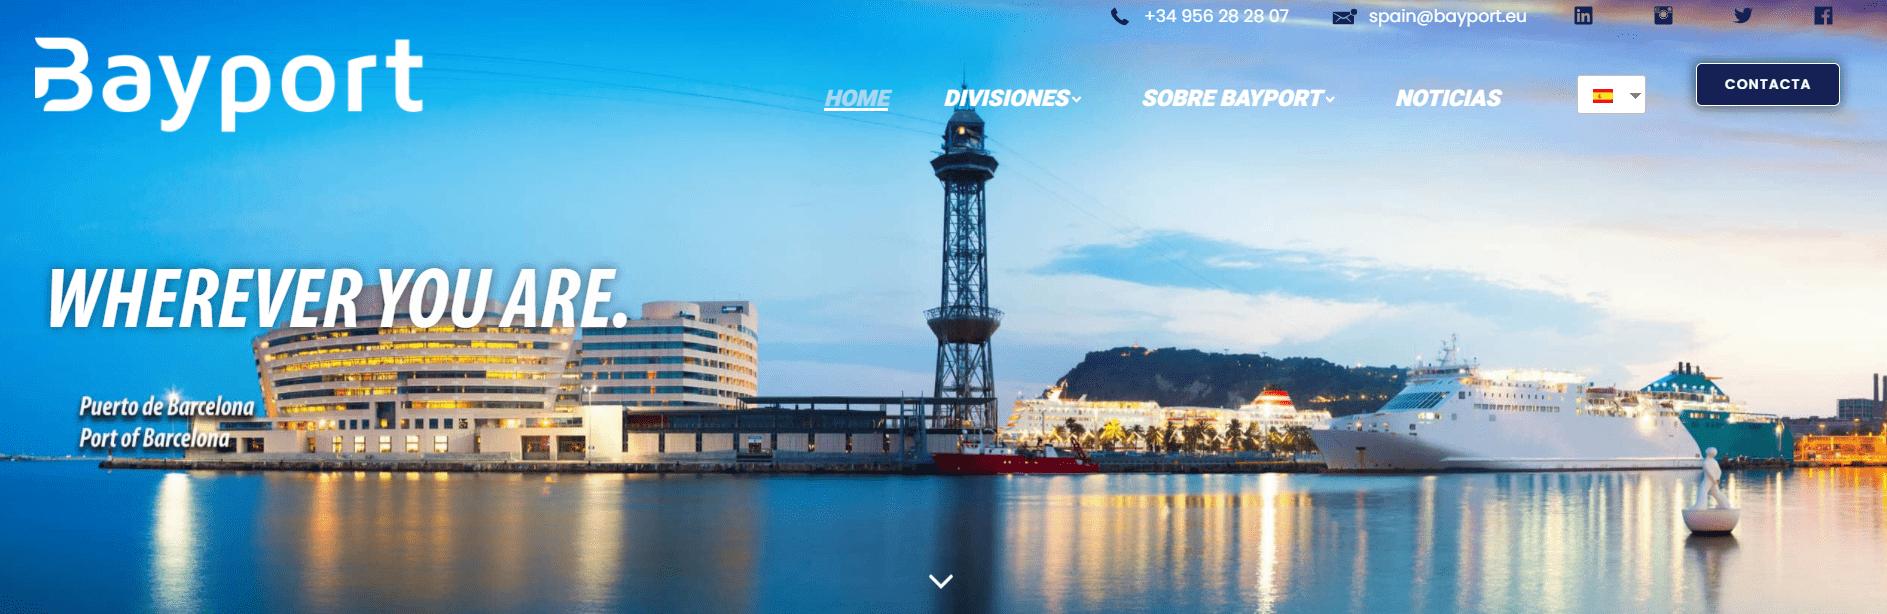 Bayport estrena su nueva web corporativa, adaptándose a los nuevos medios digitales.